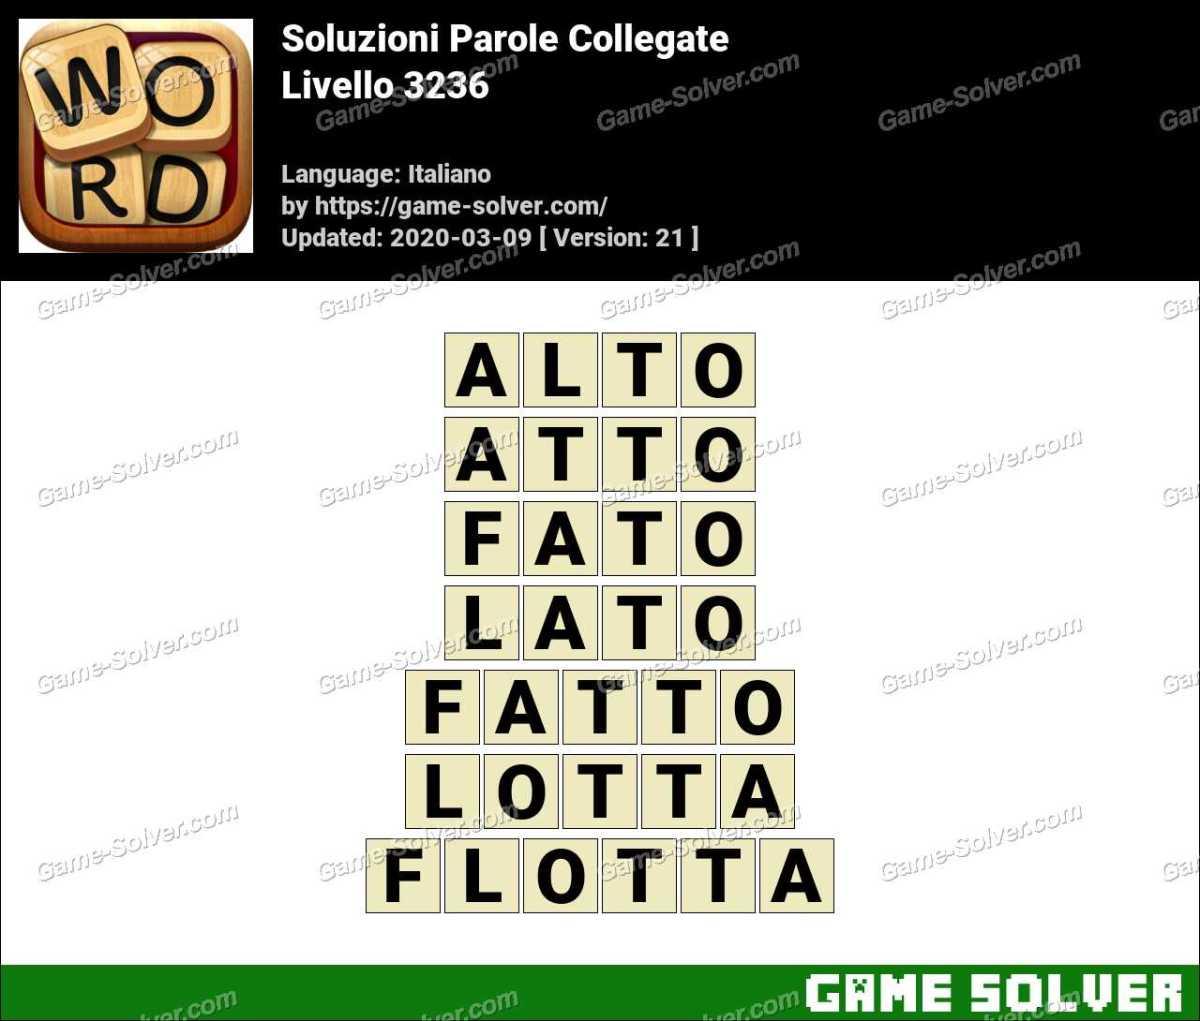 Soluzioni Parole Collegate Livello 3236